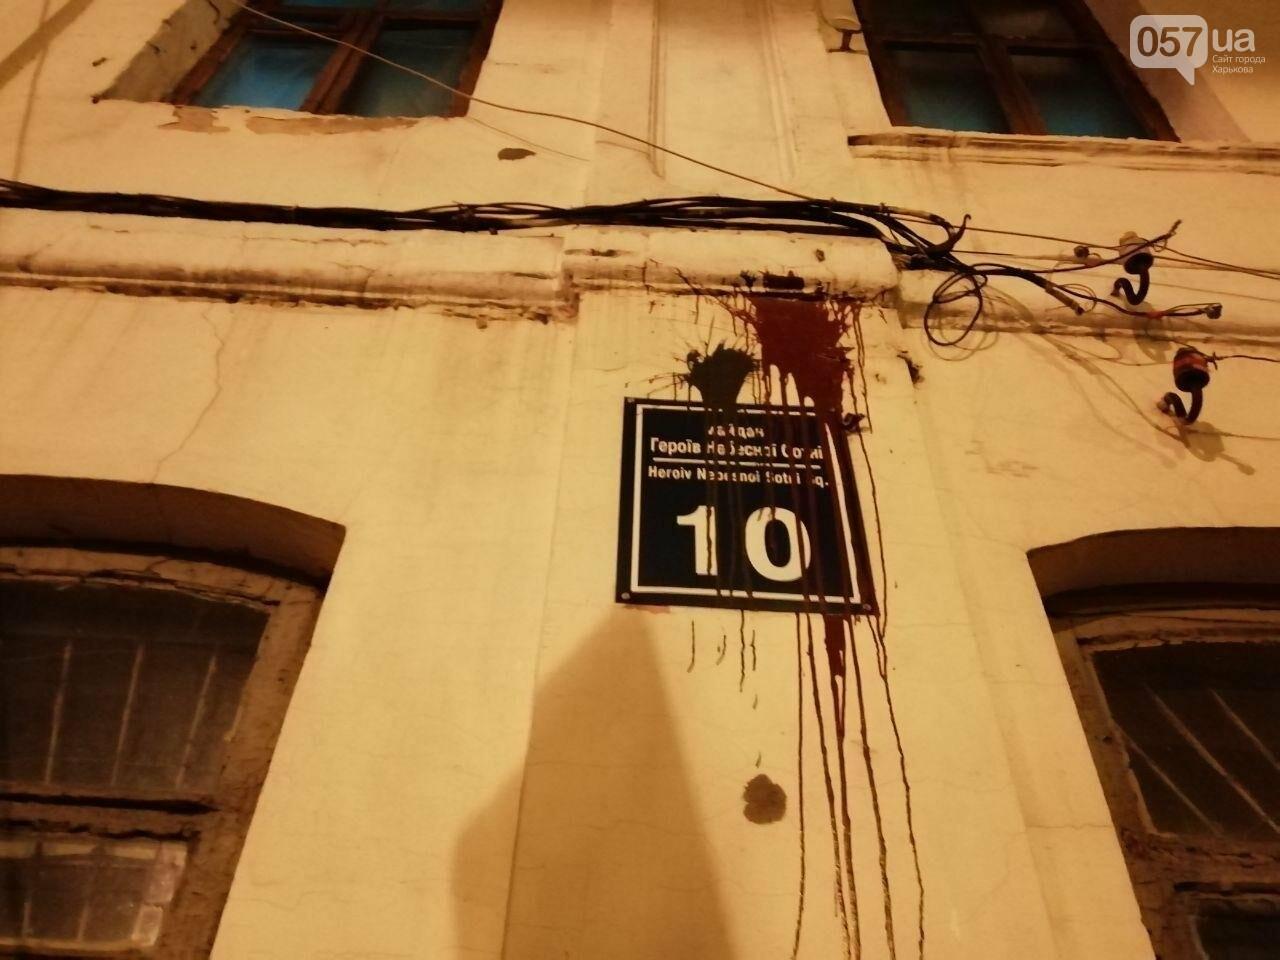 В Харькове облили краской адресные таблички на площади Героев Небесной Сотни, - ФОТО, фото-5